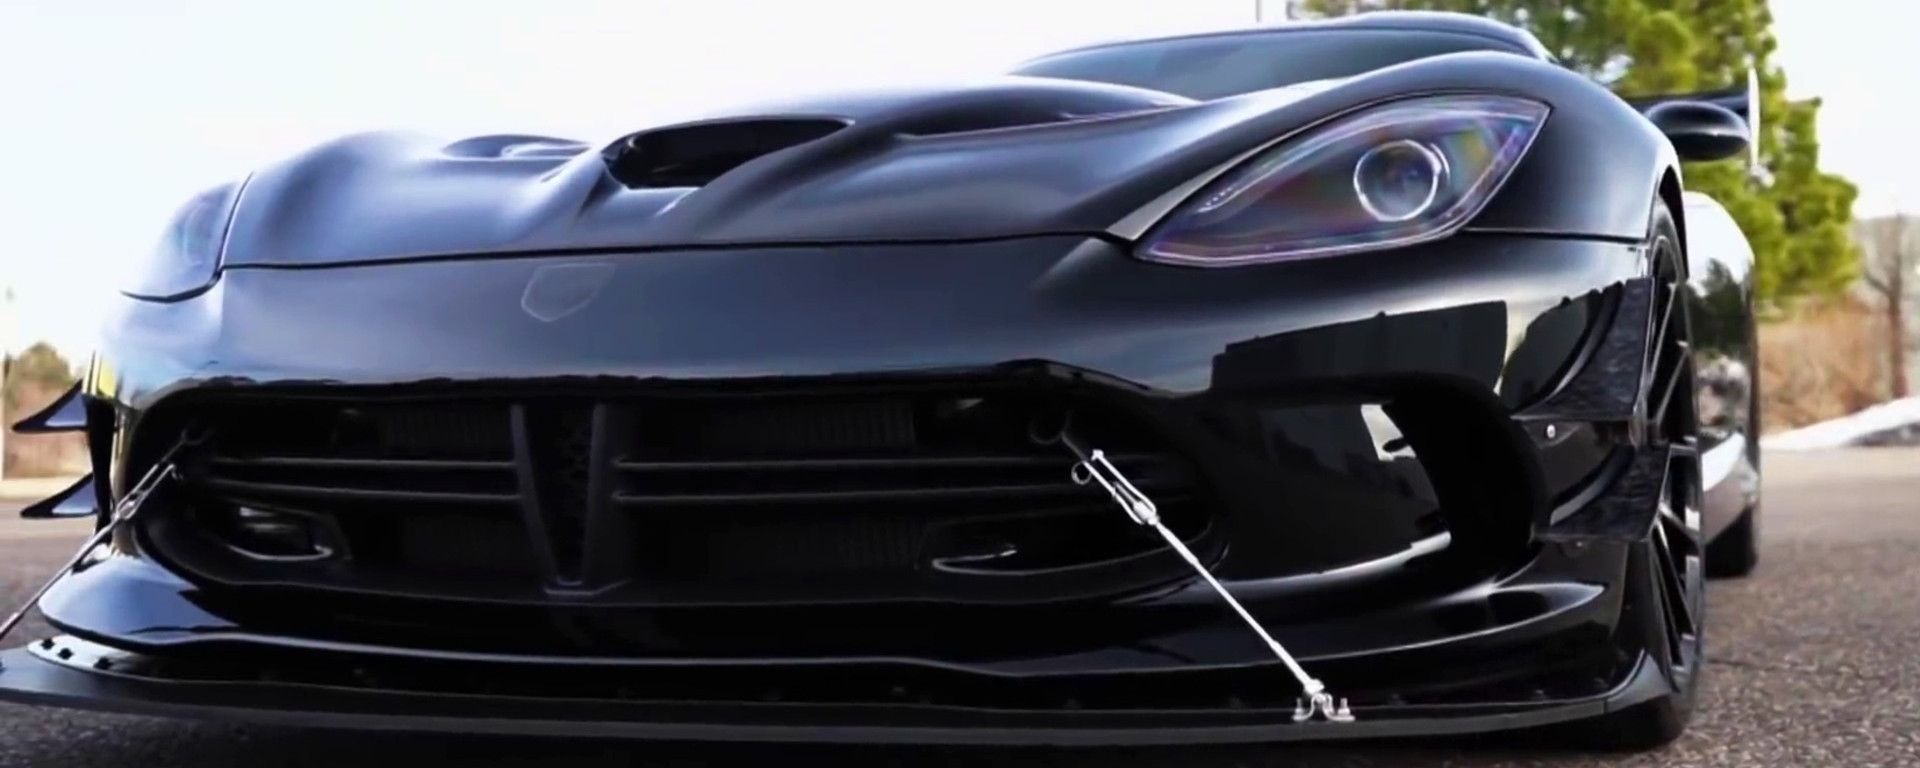 La Dodge Viper Gen V by Calvo Motorsports, dettaglio dello splitter frontale - dal video di TRC